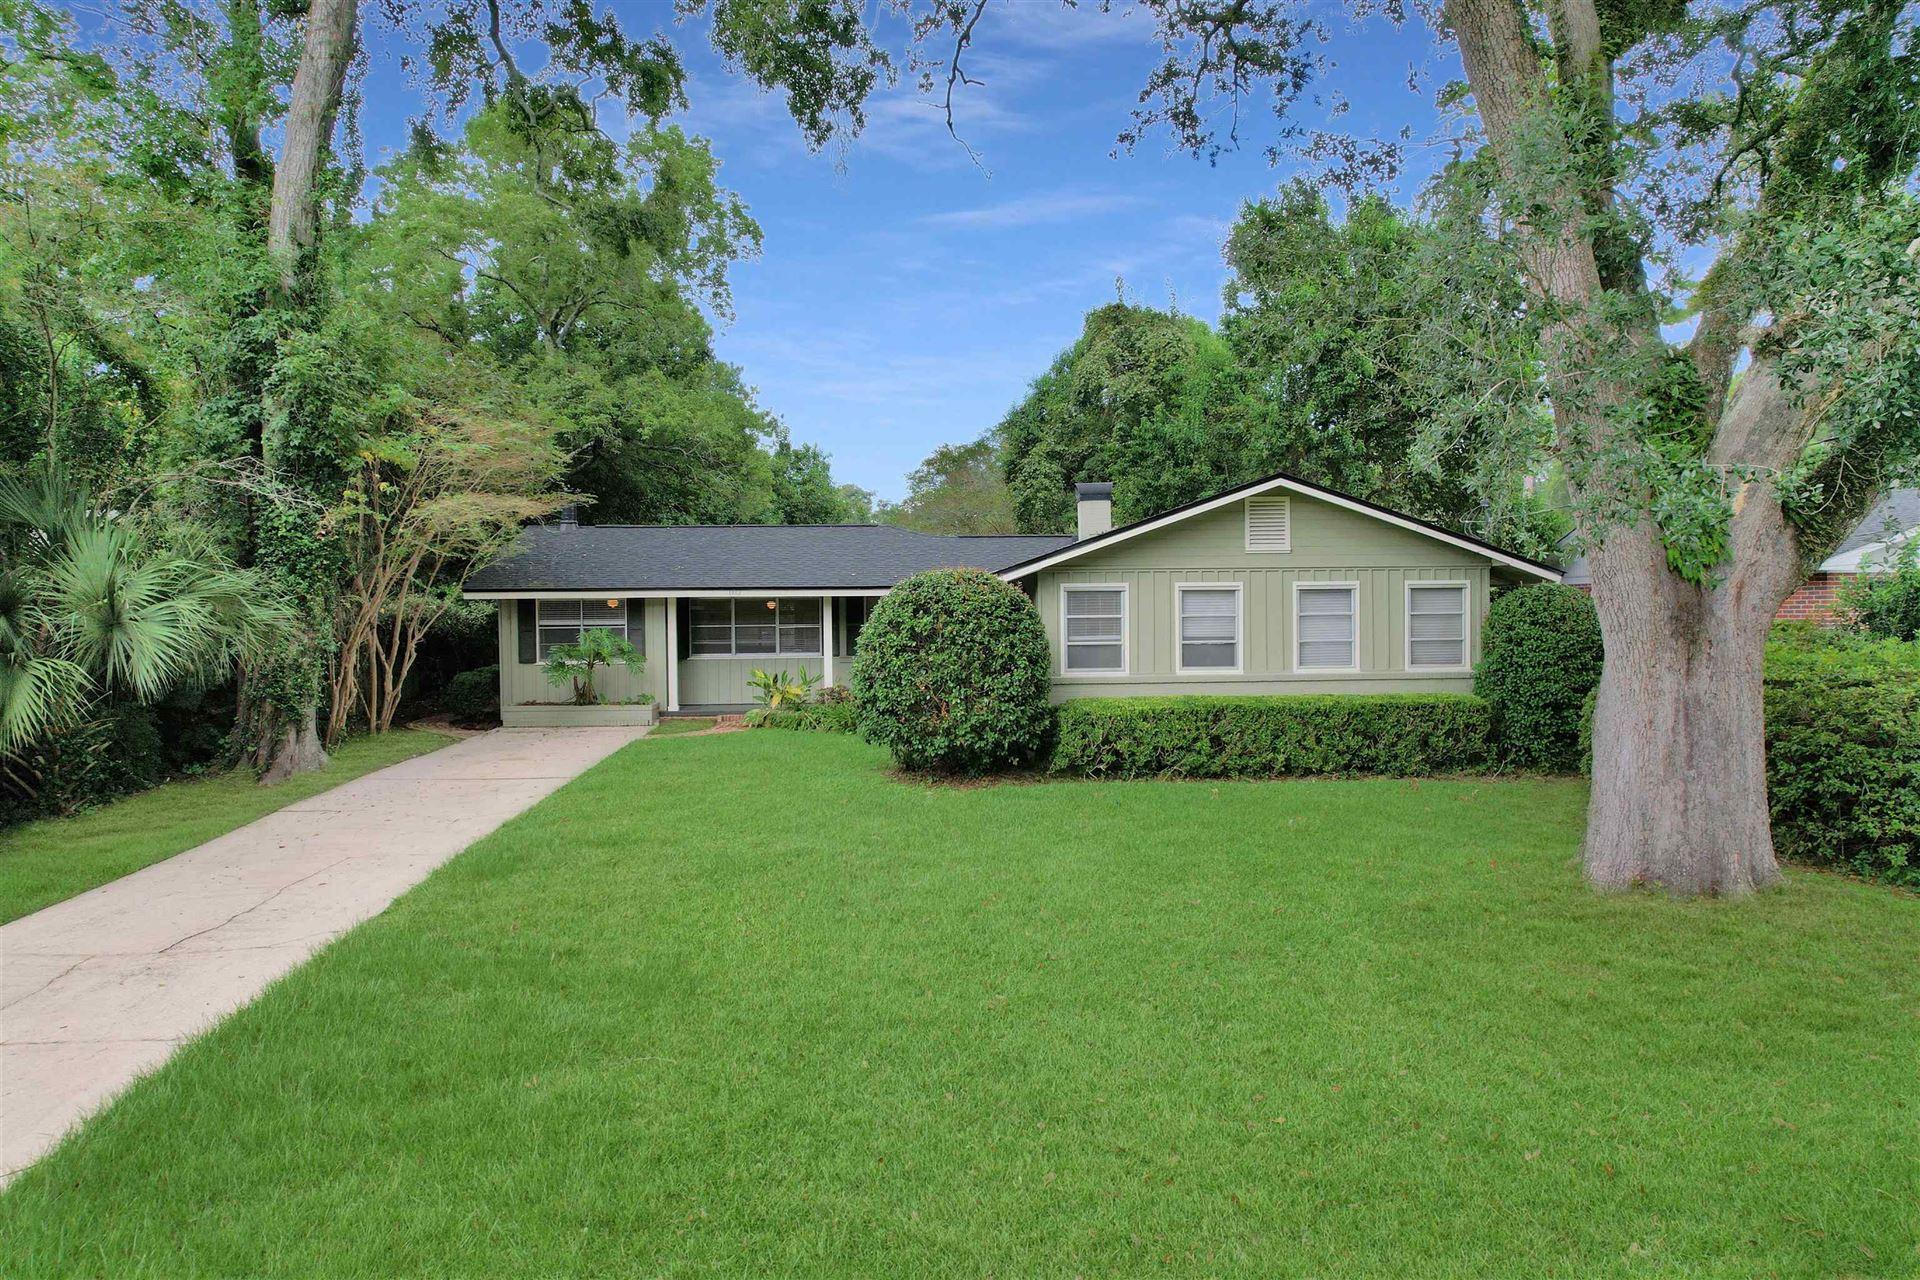 1412 Shuffield Drive, Tallahassee, FL 32308 - MLS#: 337590